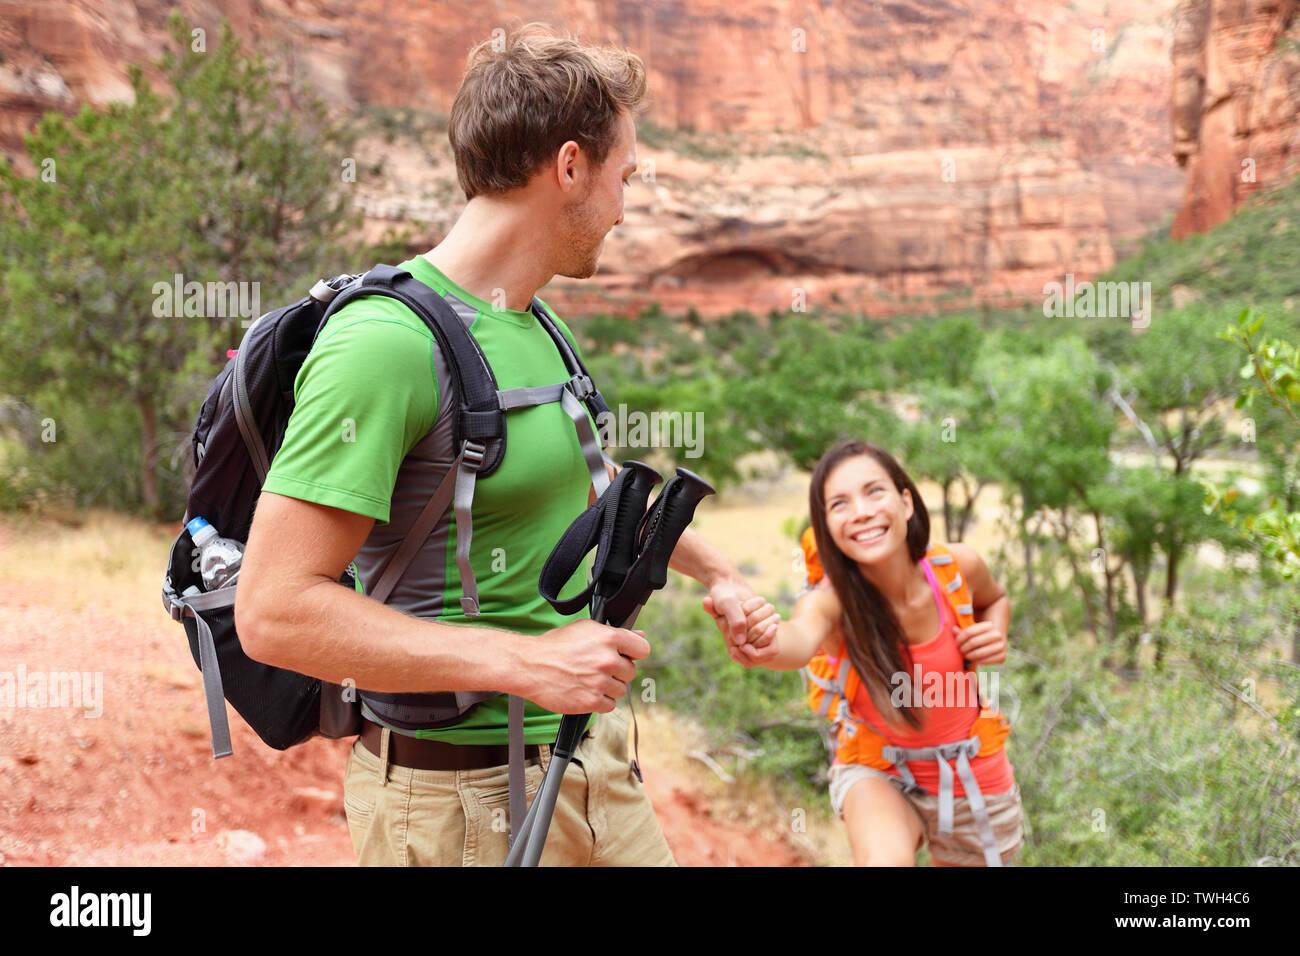 Mano - senderismo mujer obtener ayuda sobre caminata sonriendo feliz. Un estilo de vida activo excursionista pareja que viajaba. Hermosa raza mixta sonriente caucásico Asiático Femenino en el Parque Nacional de Zion, Utah, EE.UU.. Foto de stock